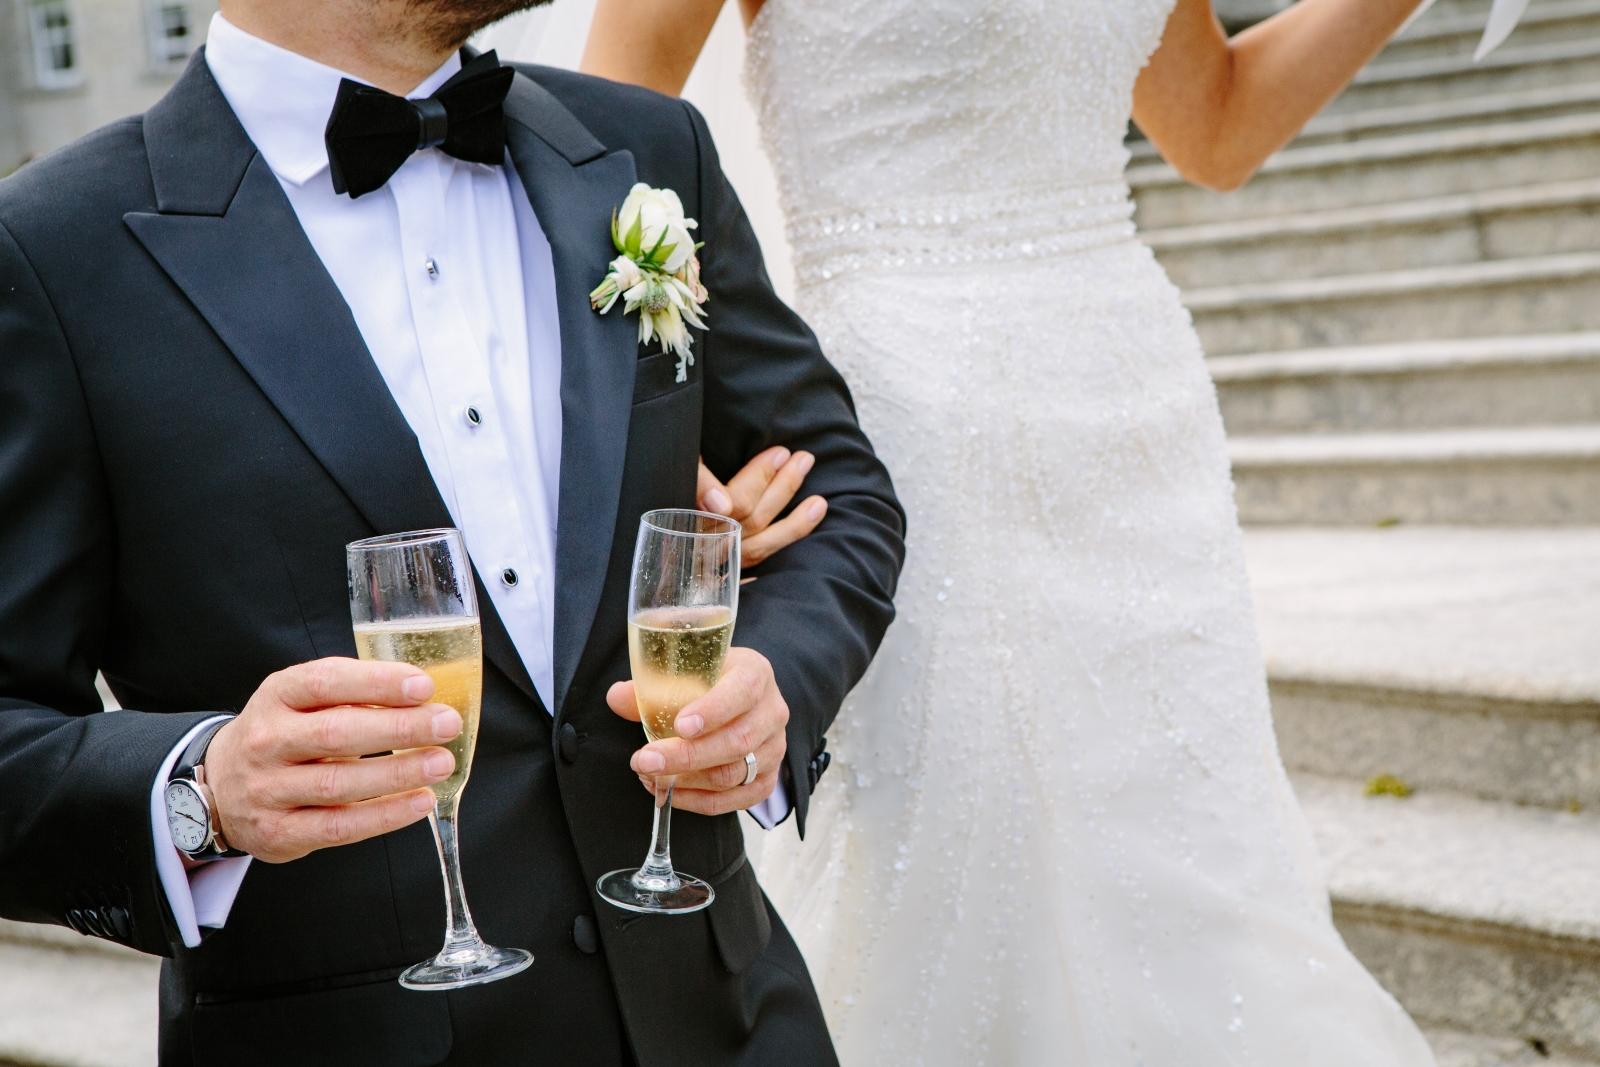 Cutting Wedding Costs